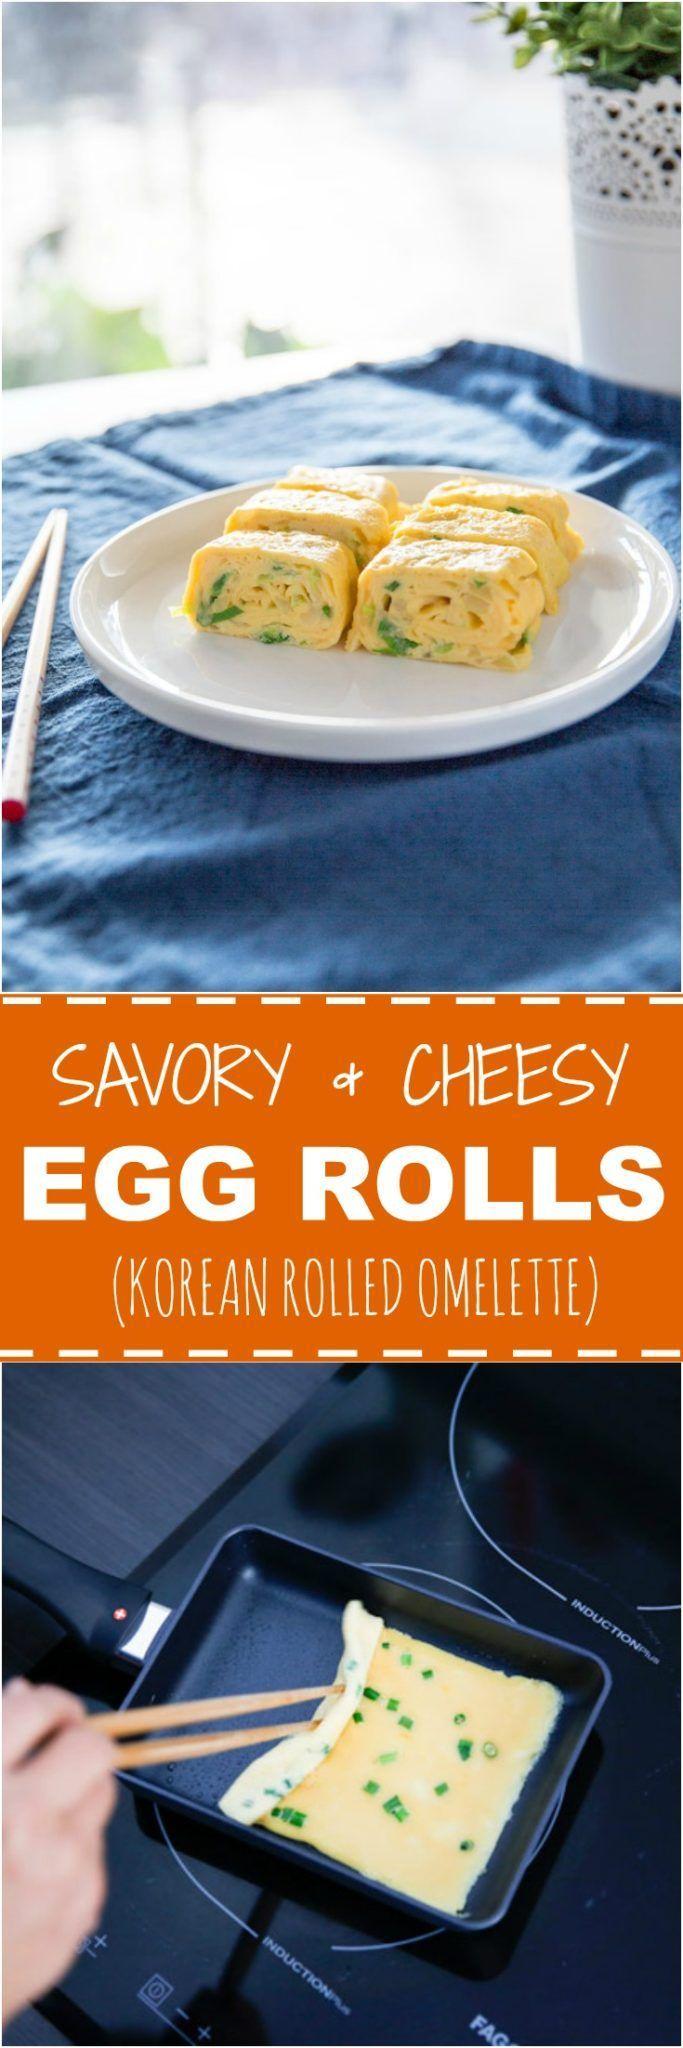 Best 25+ Korean egg roll ideas on Pinterest | Korean side dishes ...